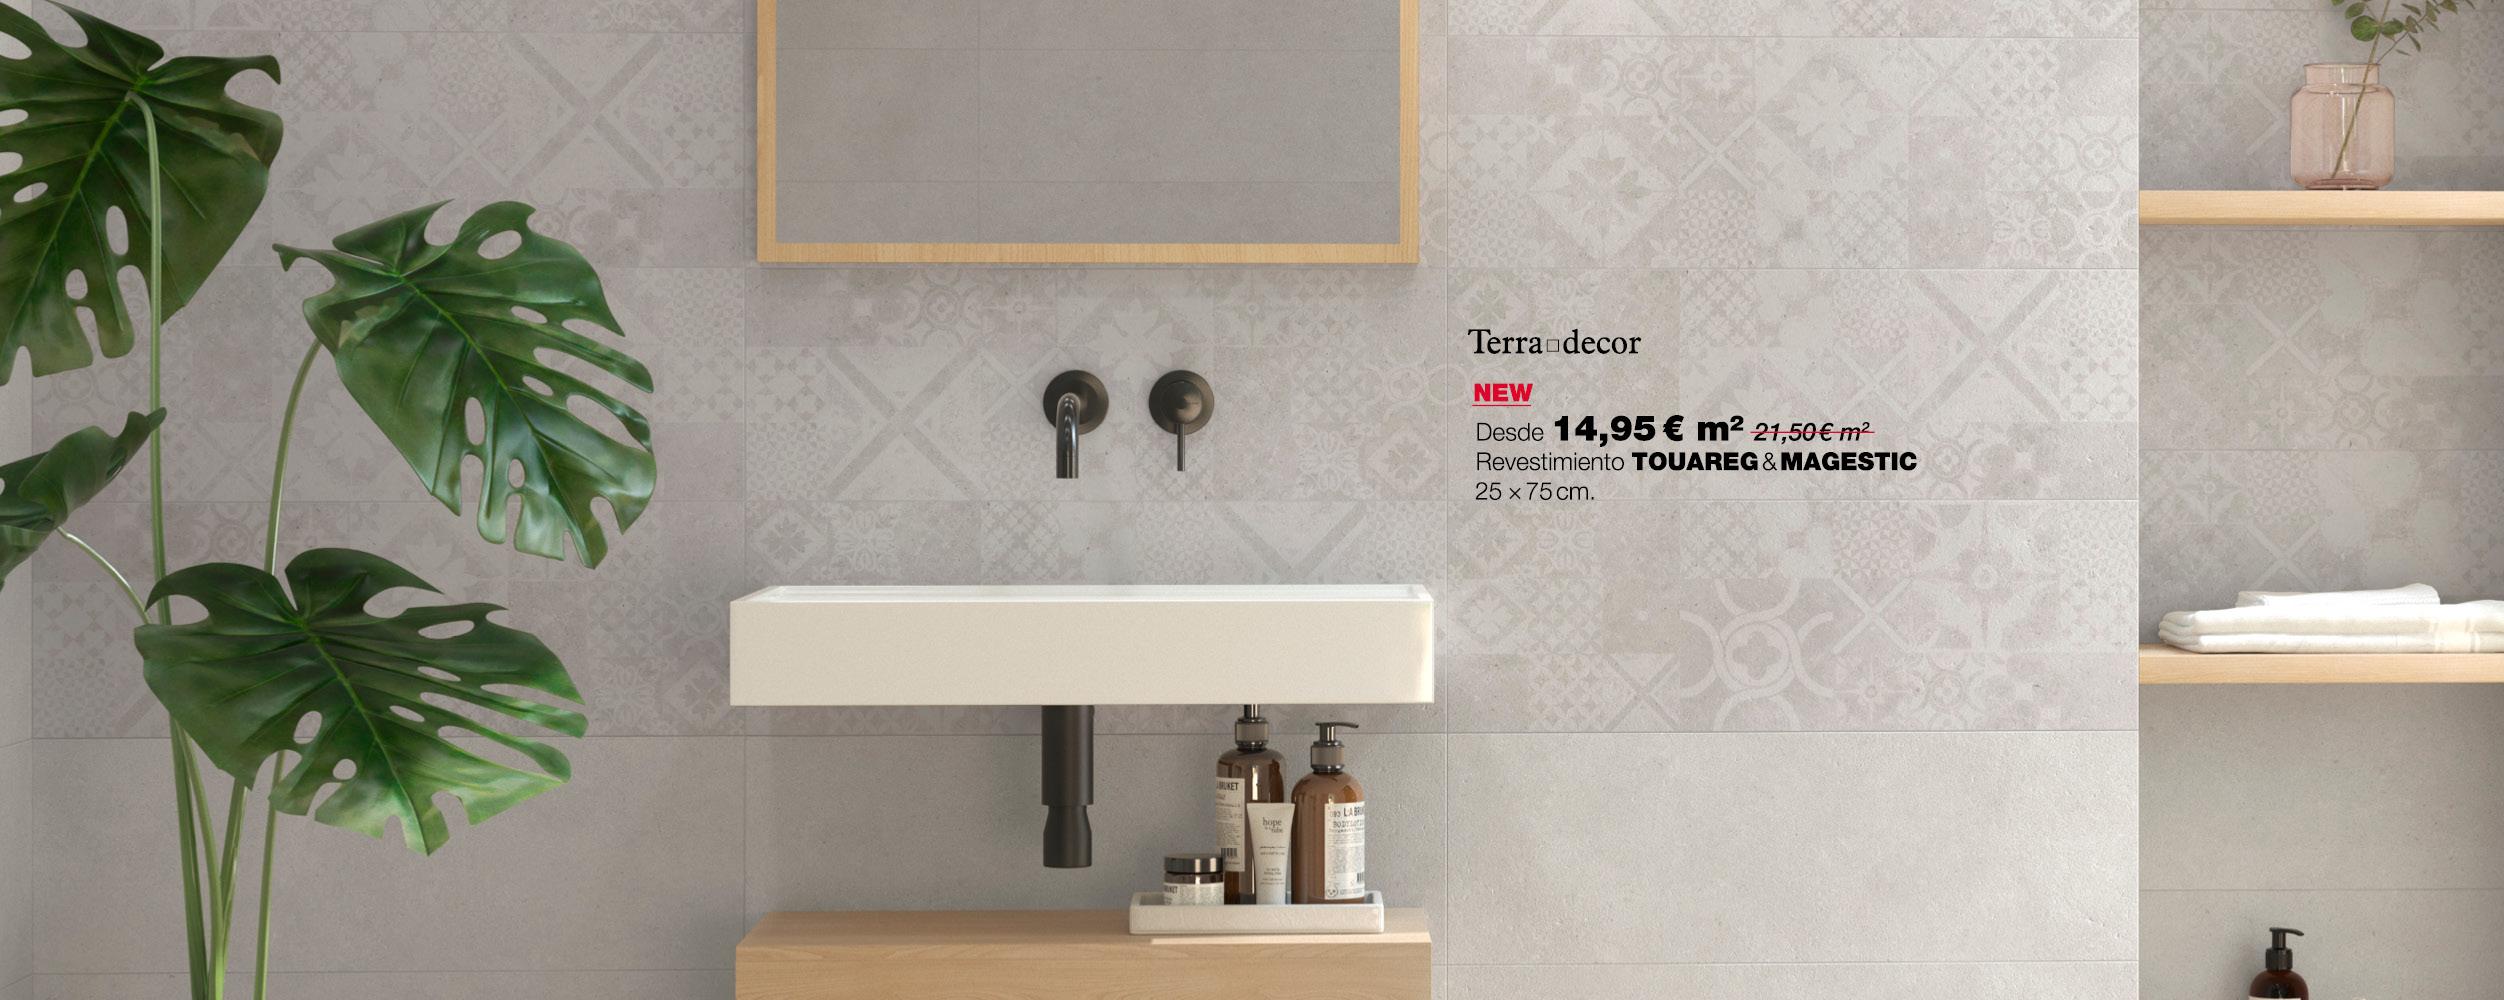 Llega un nuevo revestimiento para tu baño, ahora por sólo 14,95€/m2.